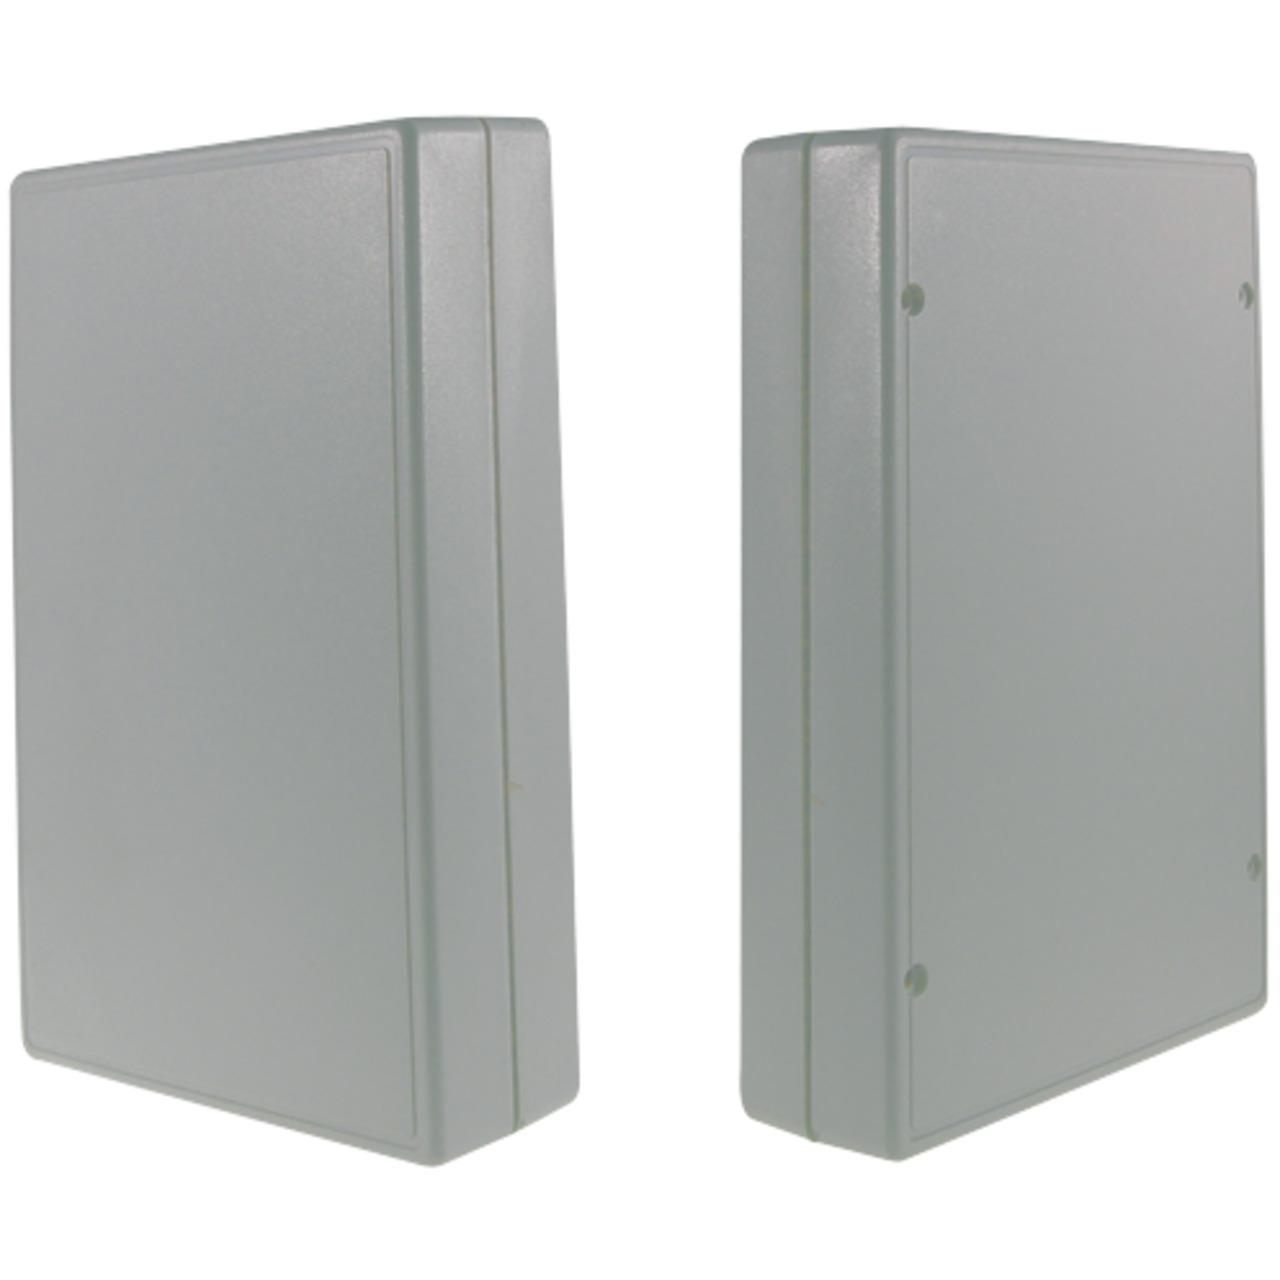 Strapubox Kunststoff-Gehäuse 2007 ABS 186 x 123 x 41 mm- schwarz